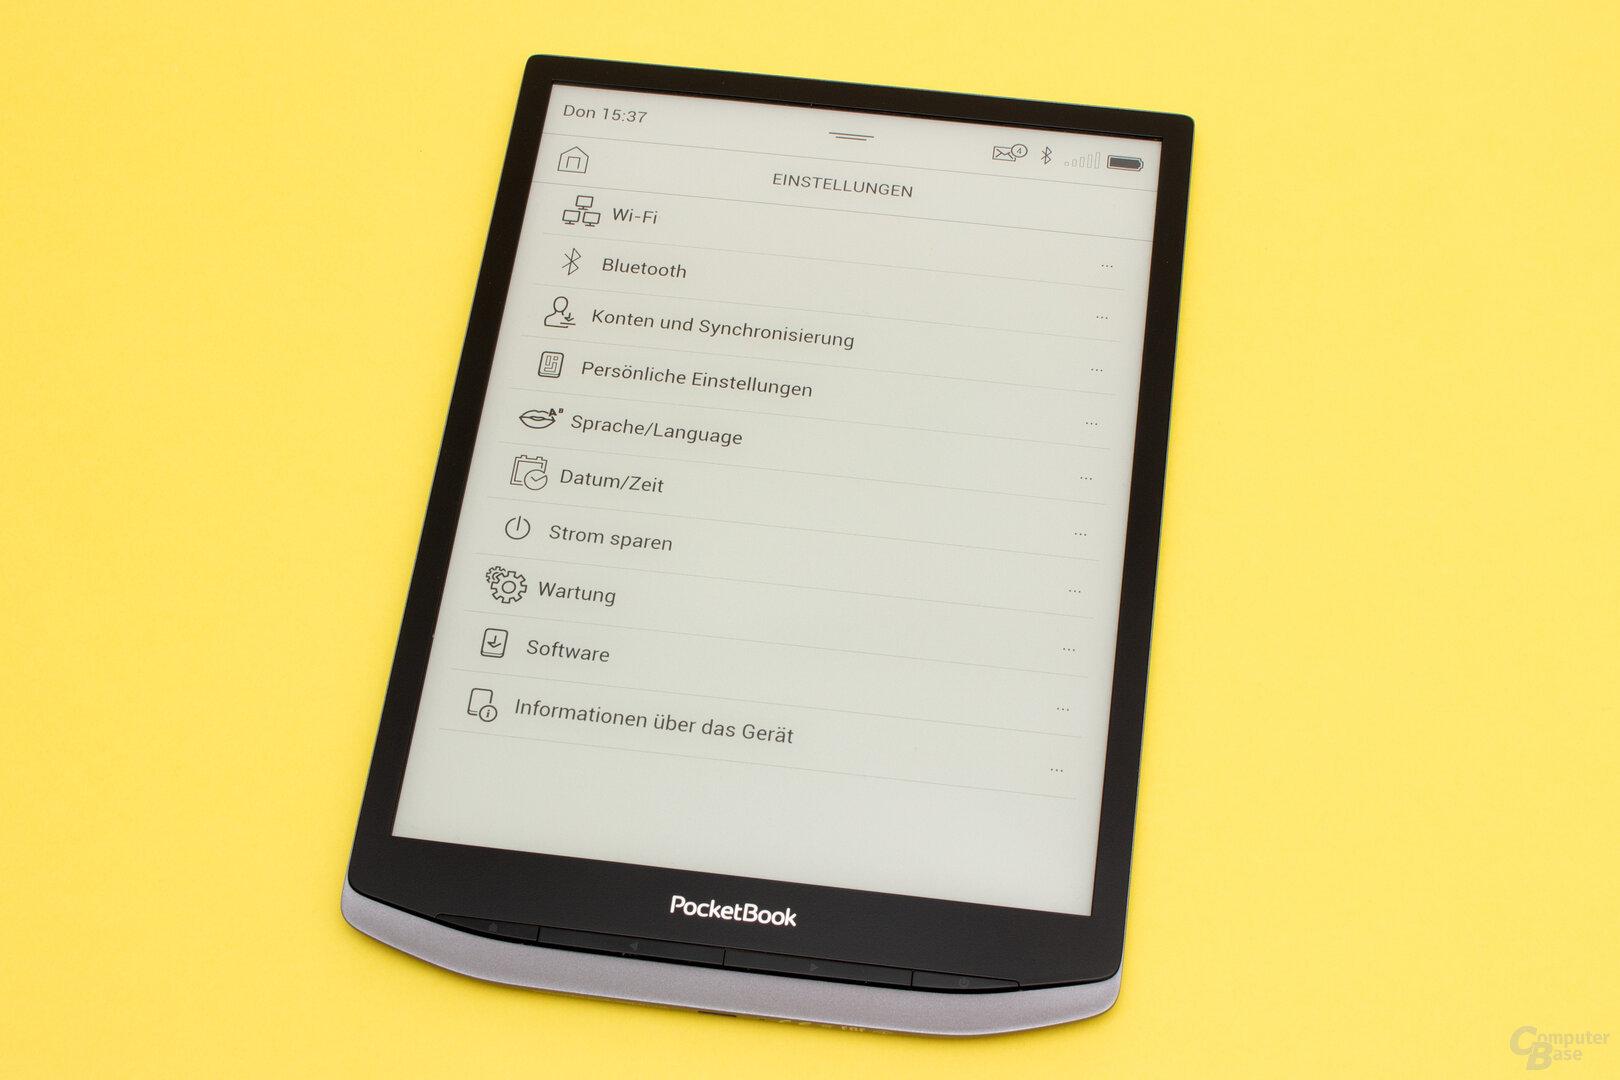 Die Einstellungen des PocketBook InkPad X